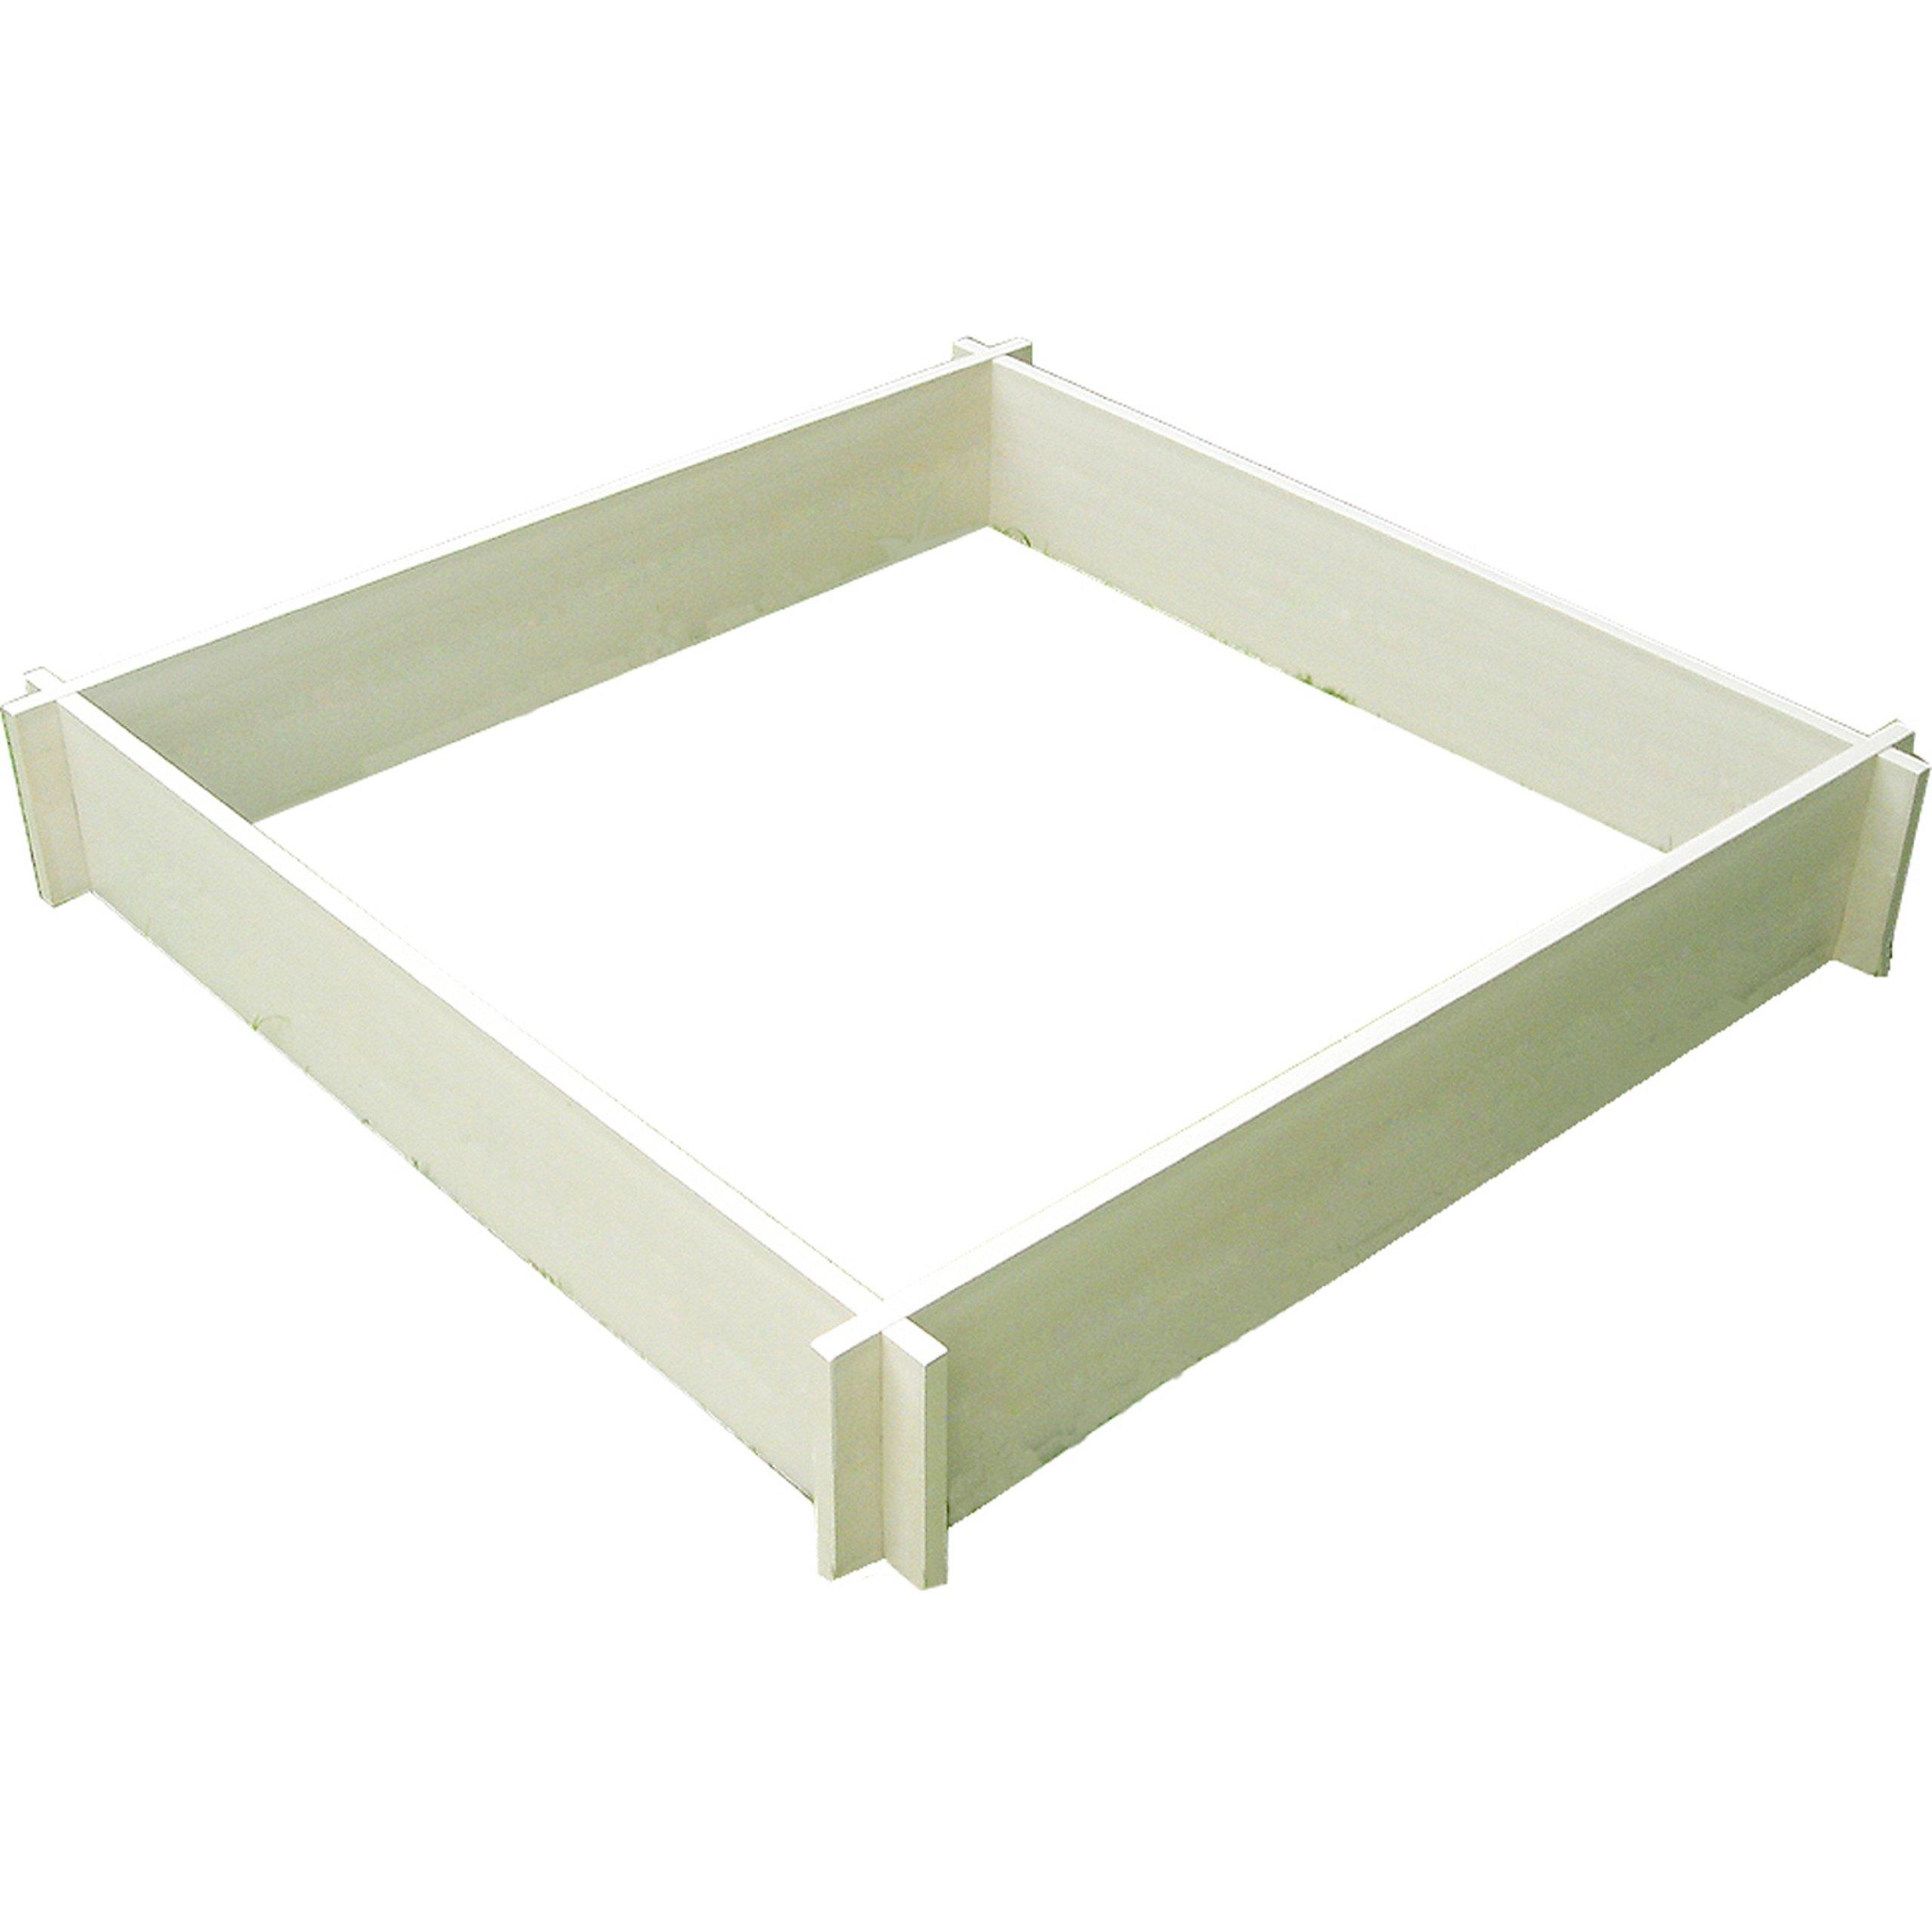 New Age Garden ecoFLEX 4' x 4 ' Raised Garden Bed